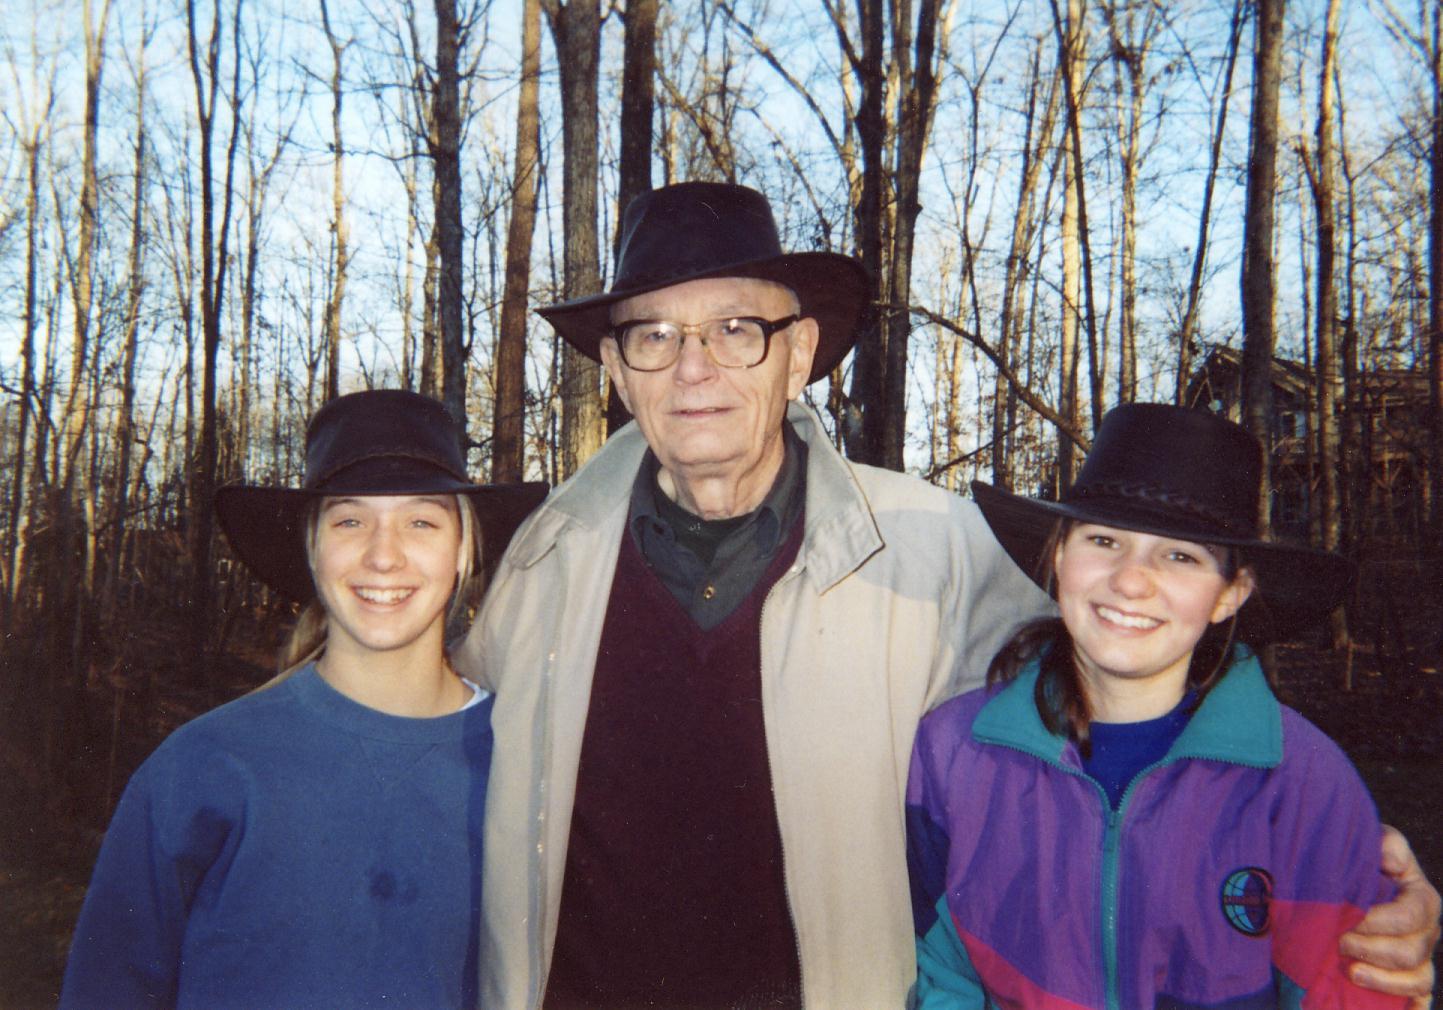 Chris, Anna and Jim